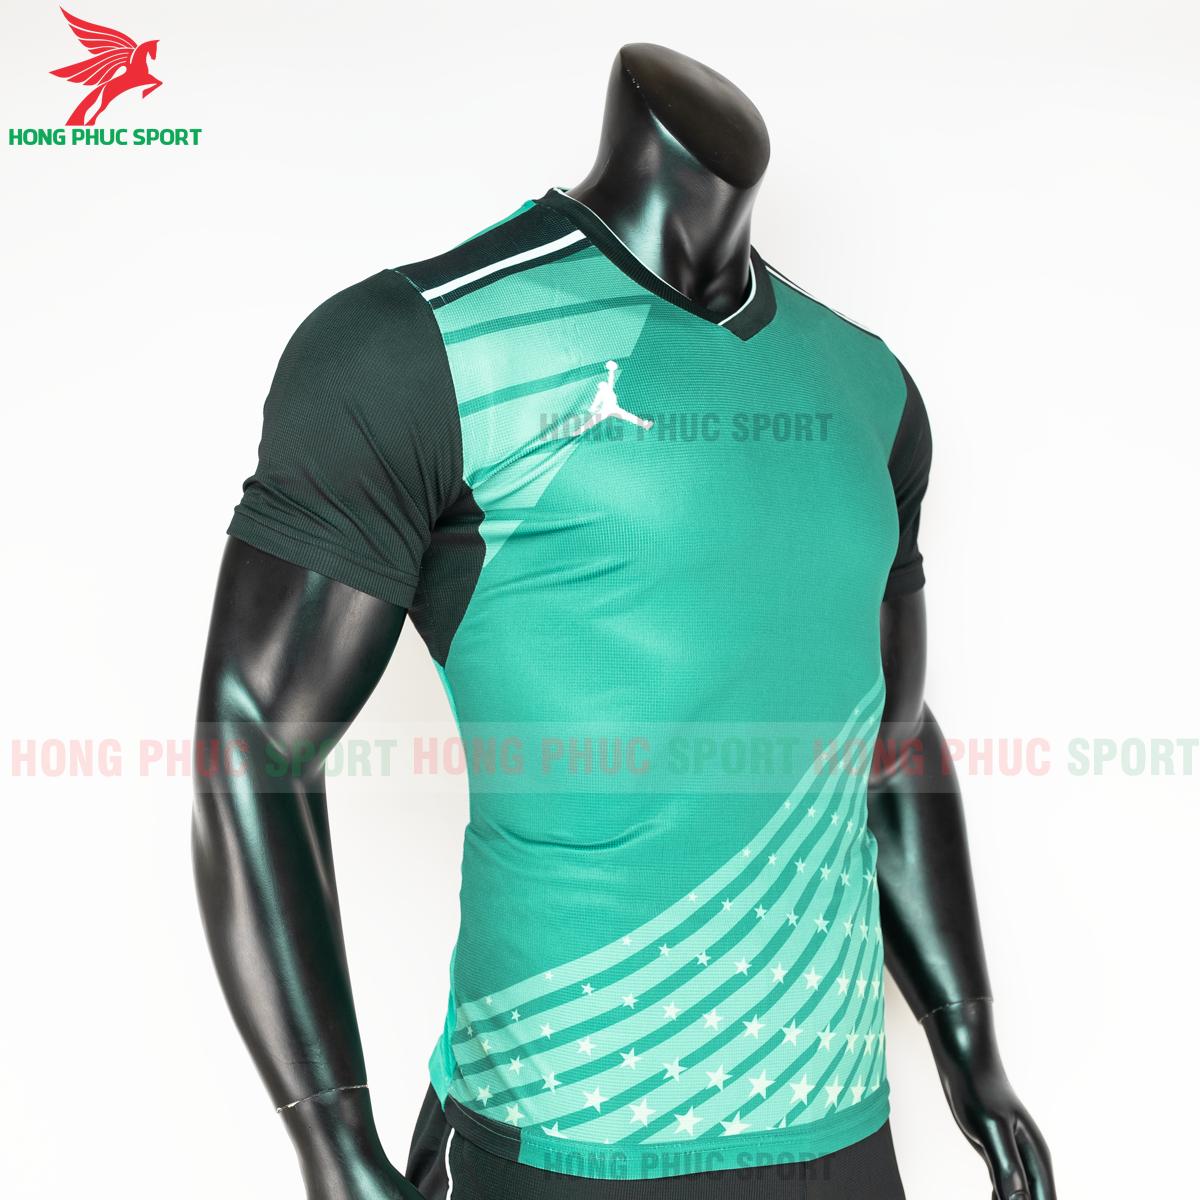 https://cdn.hongphucsport.com/unsafe/s4.shopbay.vn/files/285/ao-bong-chuyen-jordan-20-21-hang-det-mau3-5-5faf43c005eef.png